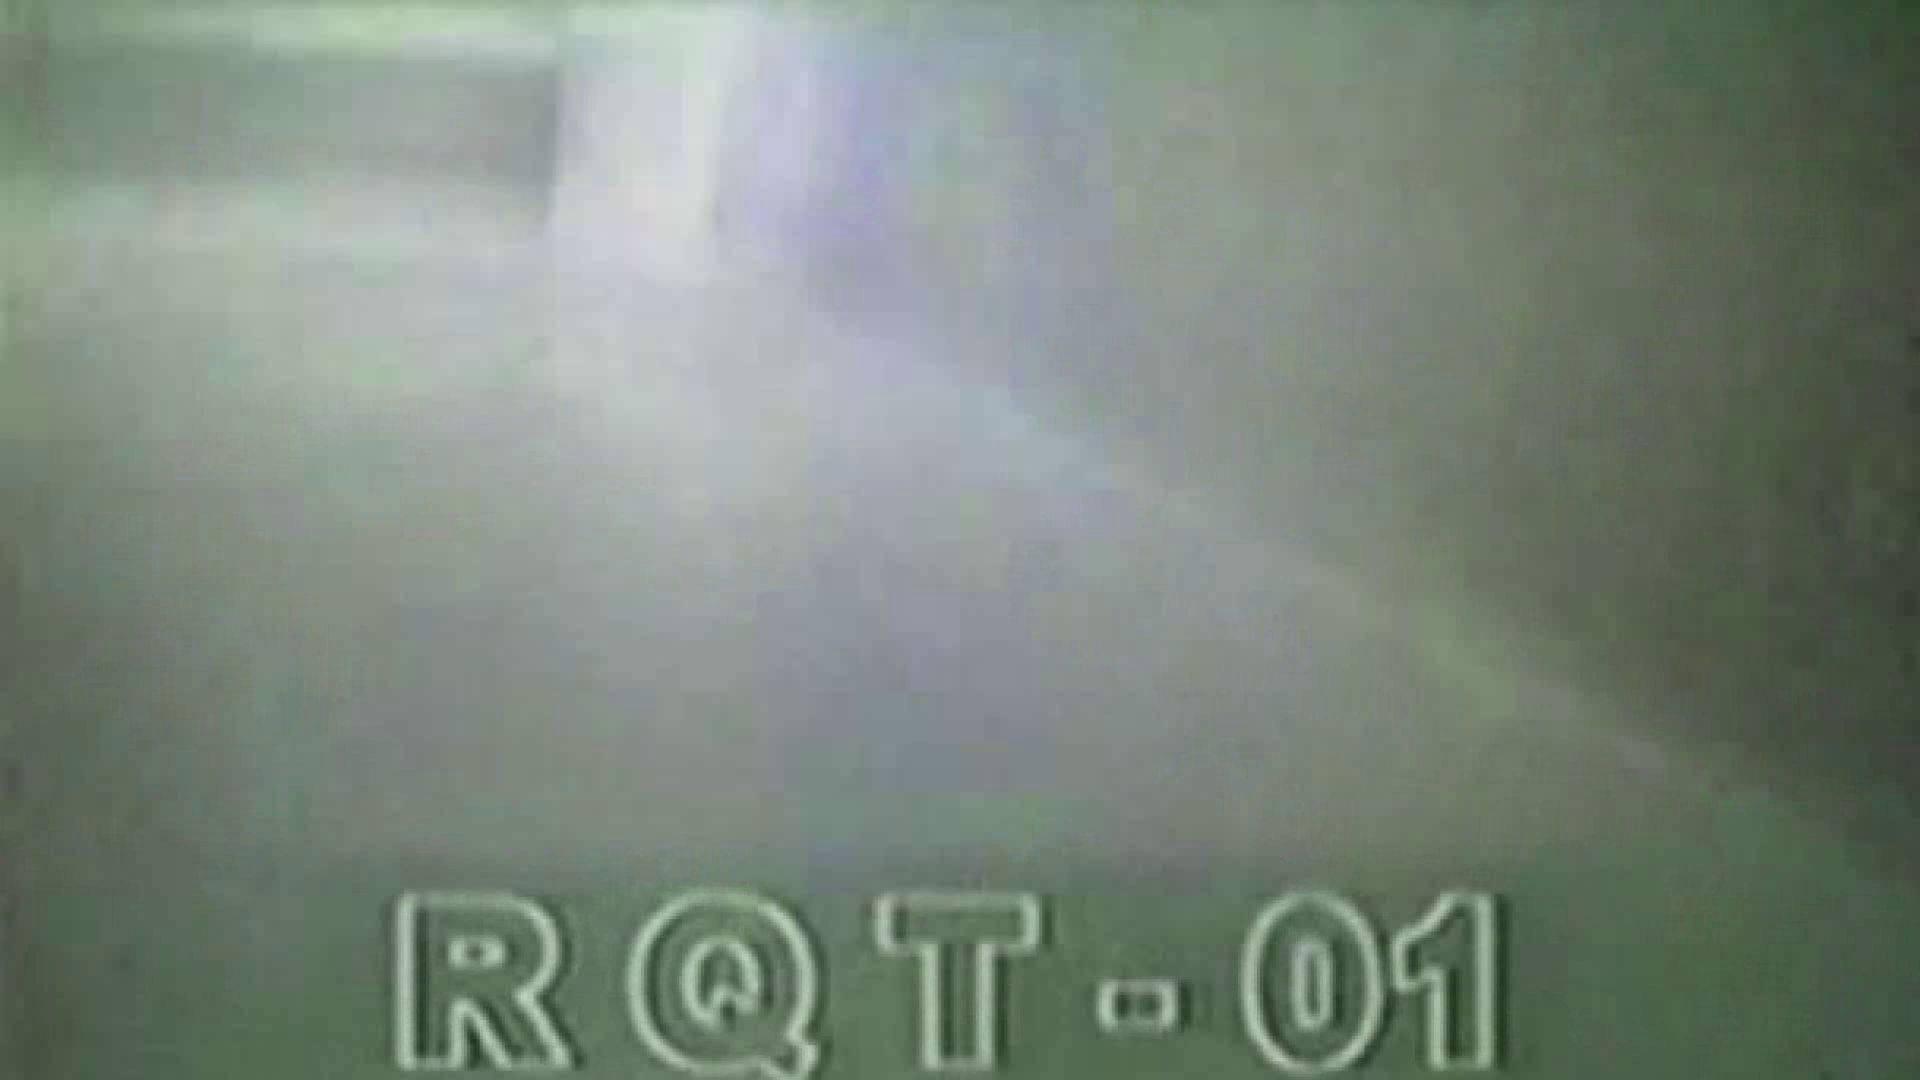 お姉さんの恥便所盗撮! Vol.2 レースクイーンエロ画像 盗撮われめAV動画紹介 89PICs 84